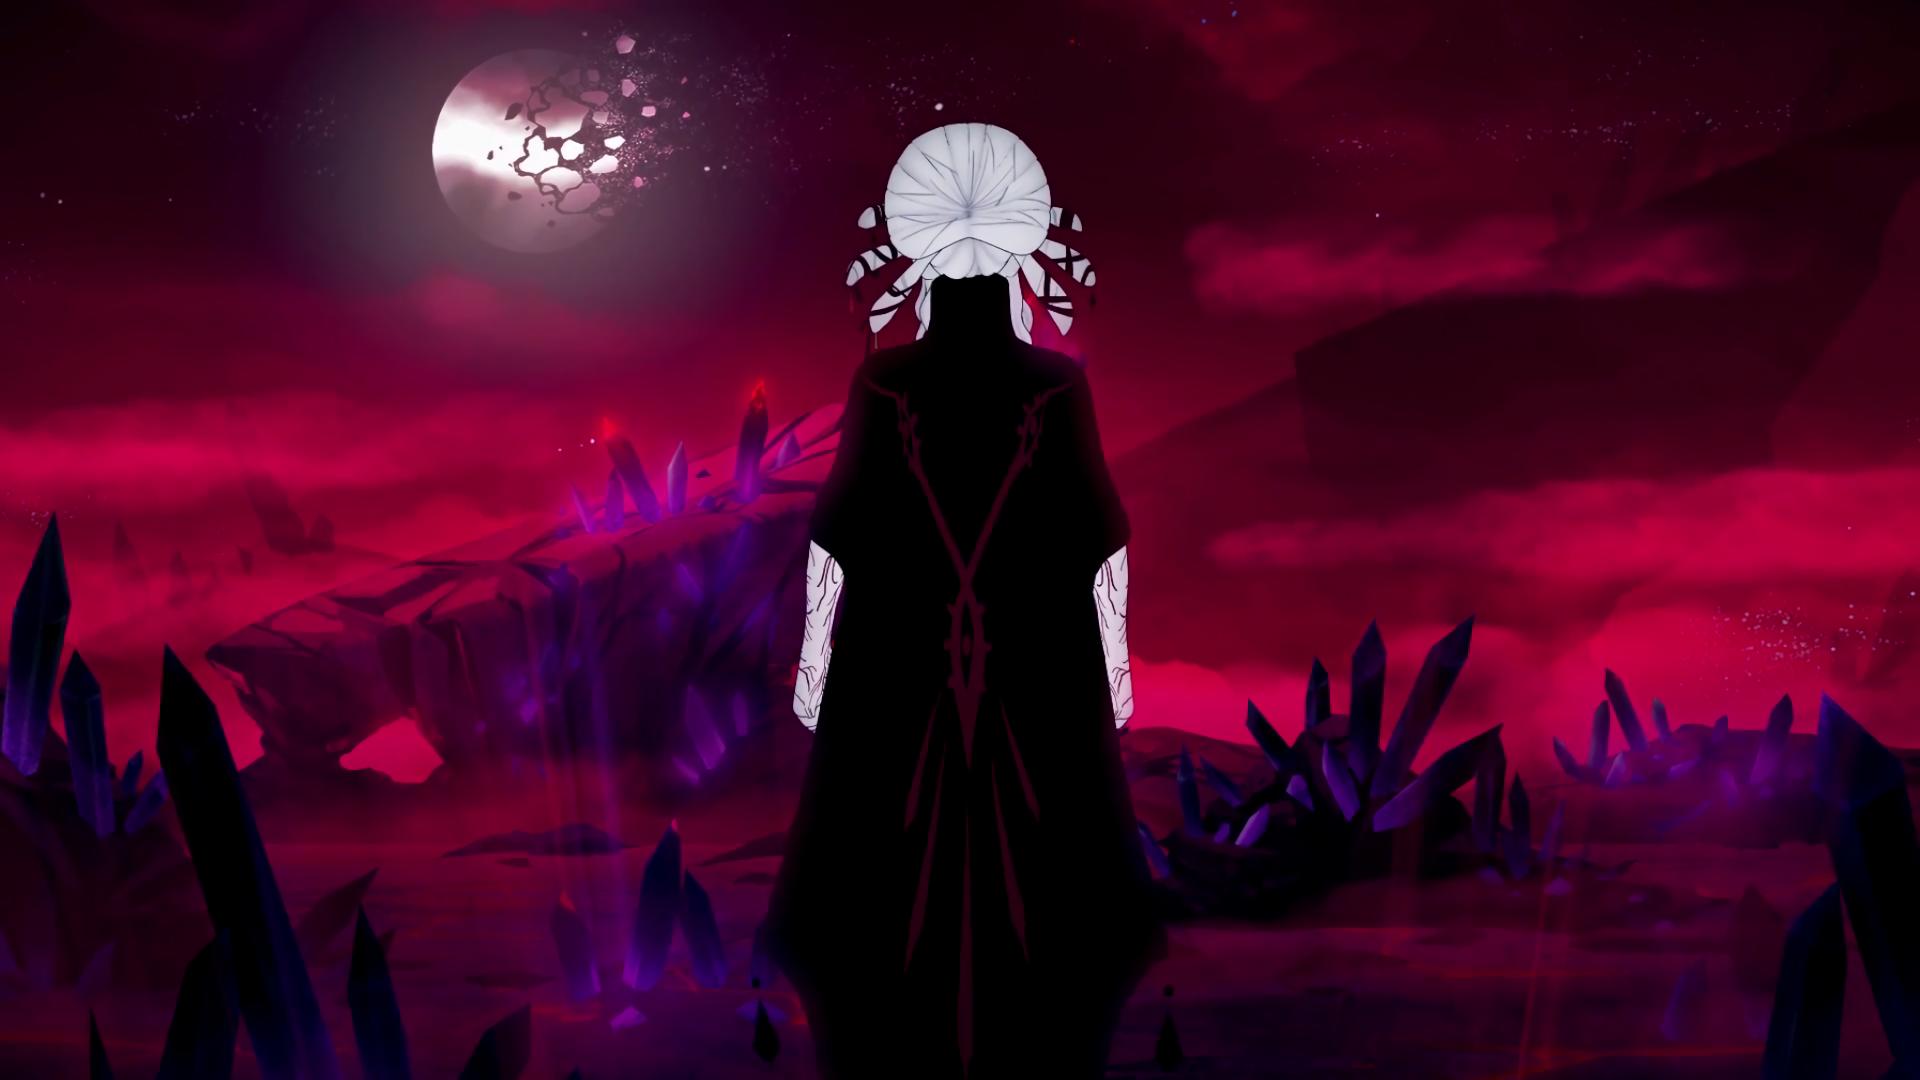 Anime Rwby Salem Rwby Wallpaper